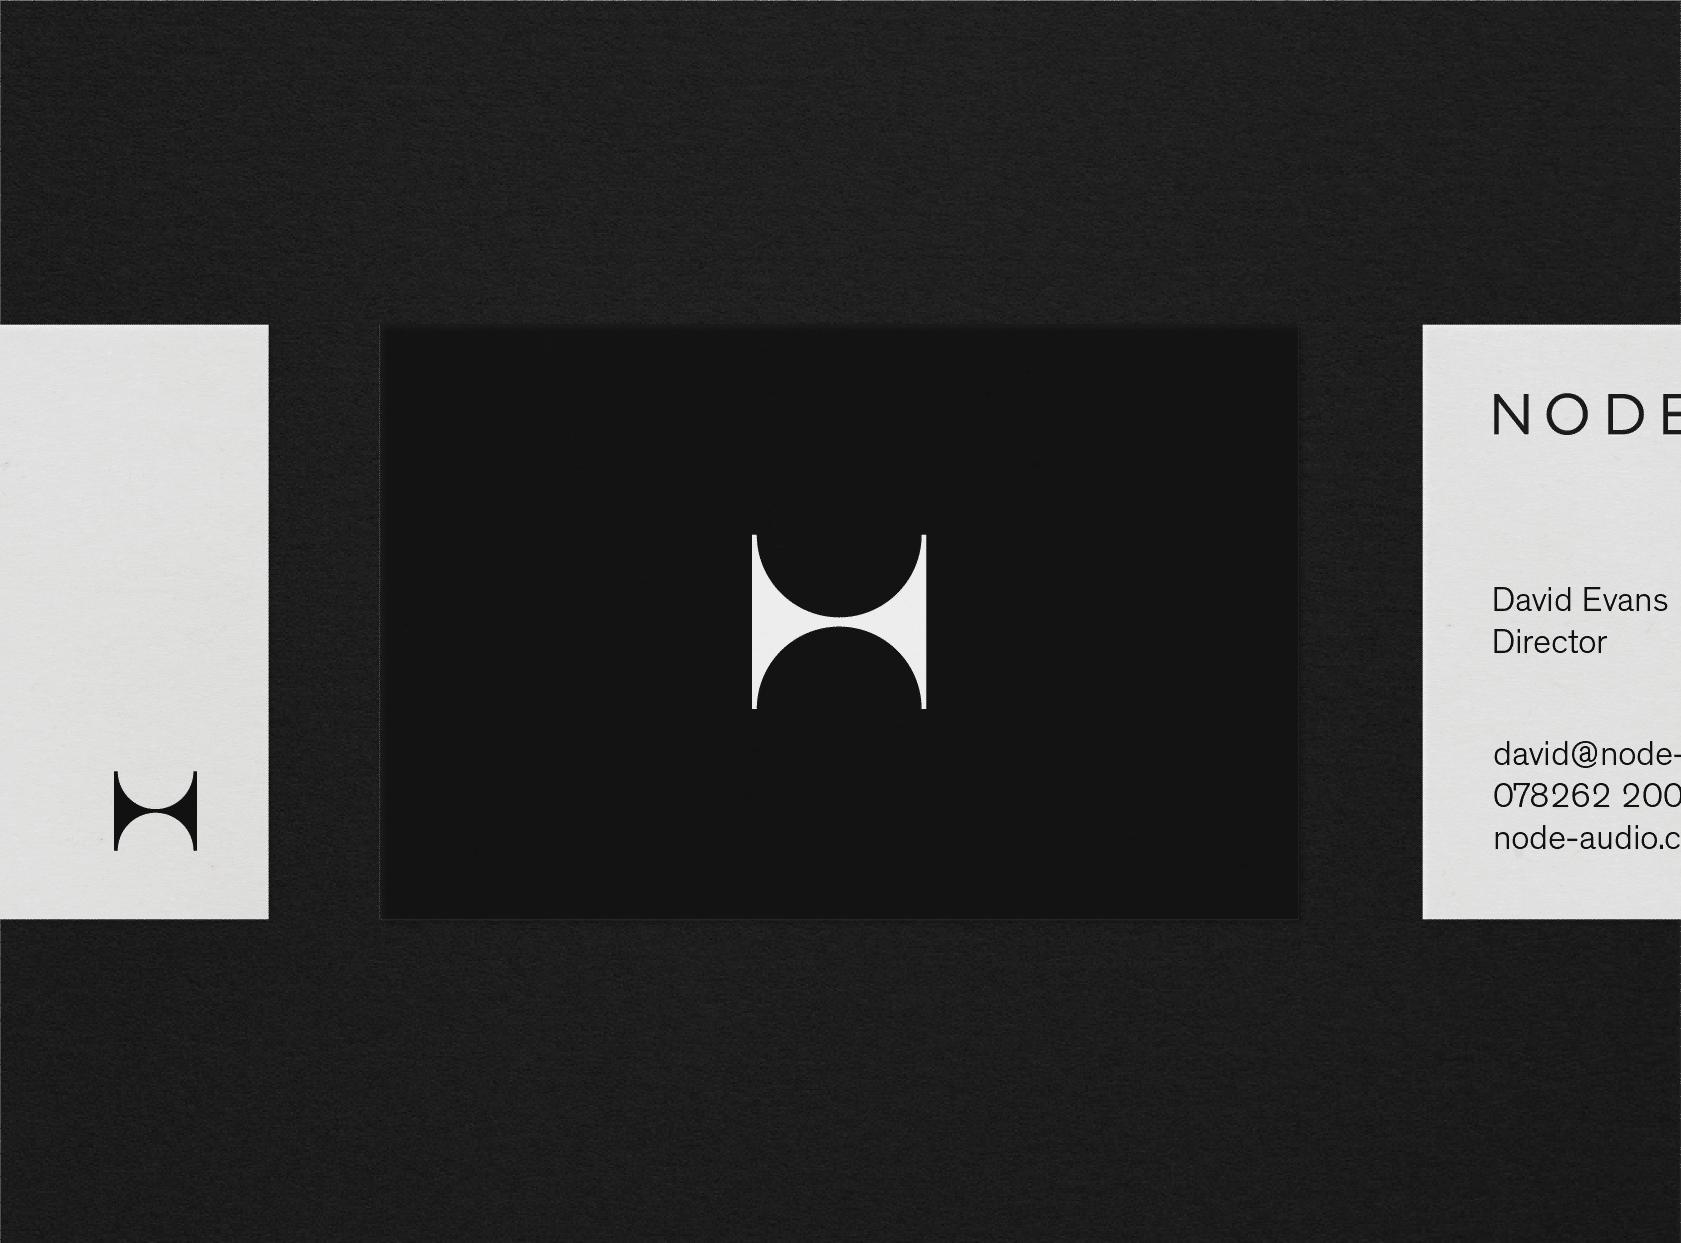 Business card design for Node